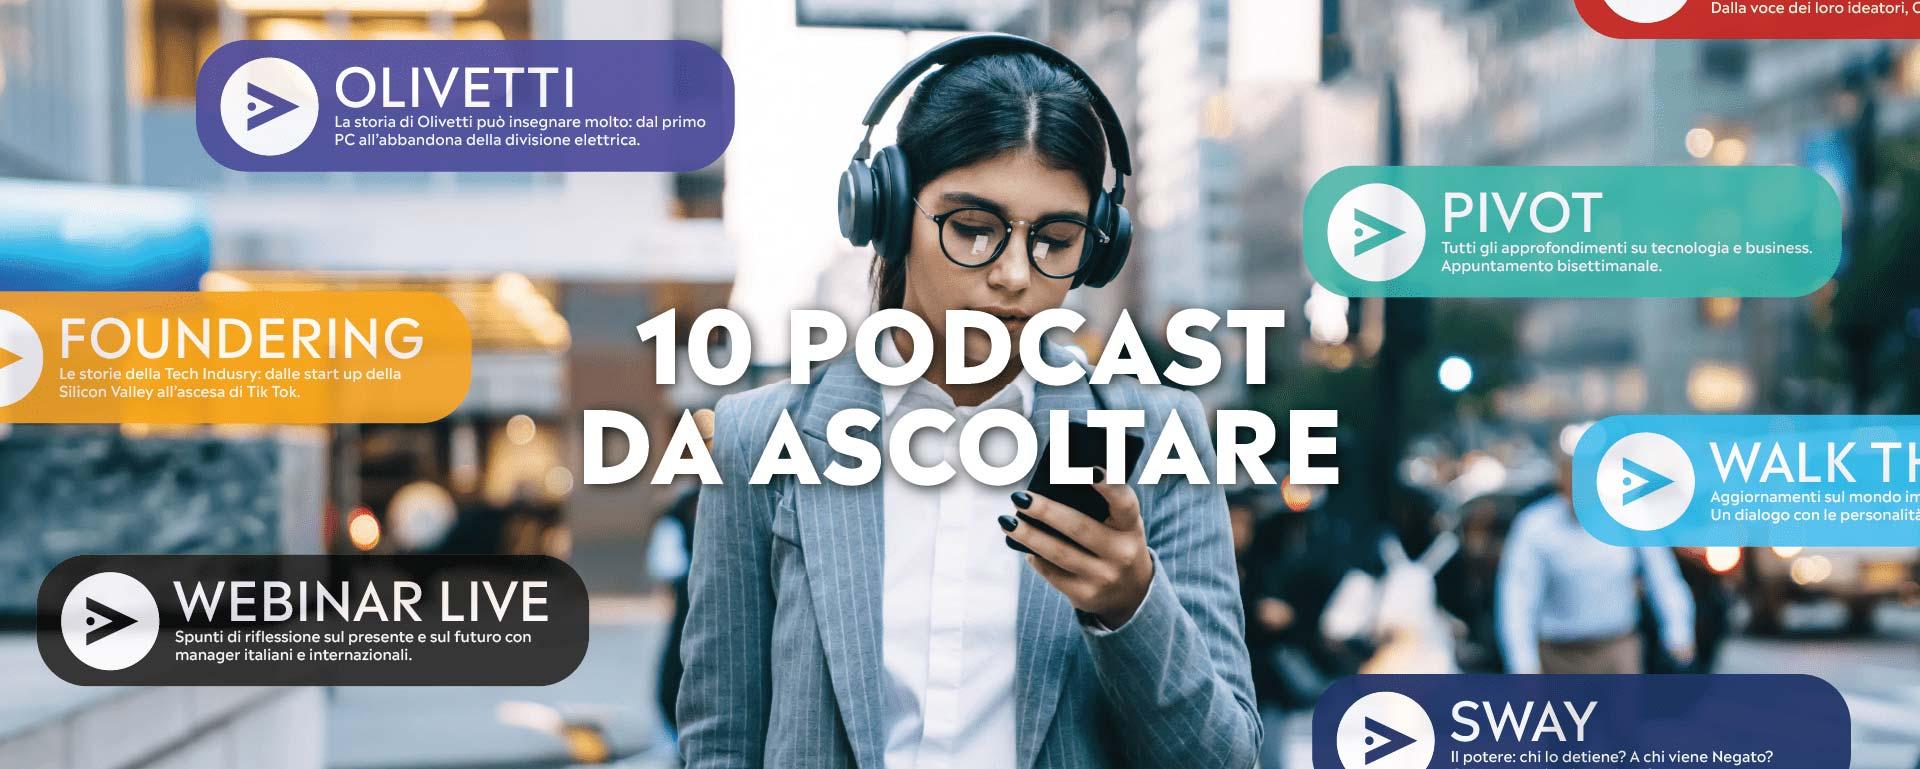 donna-cuffie-podcast-strada-per-lavoro